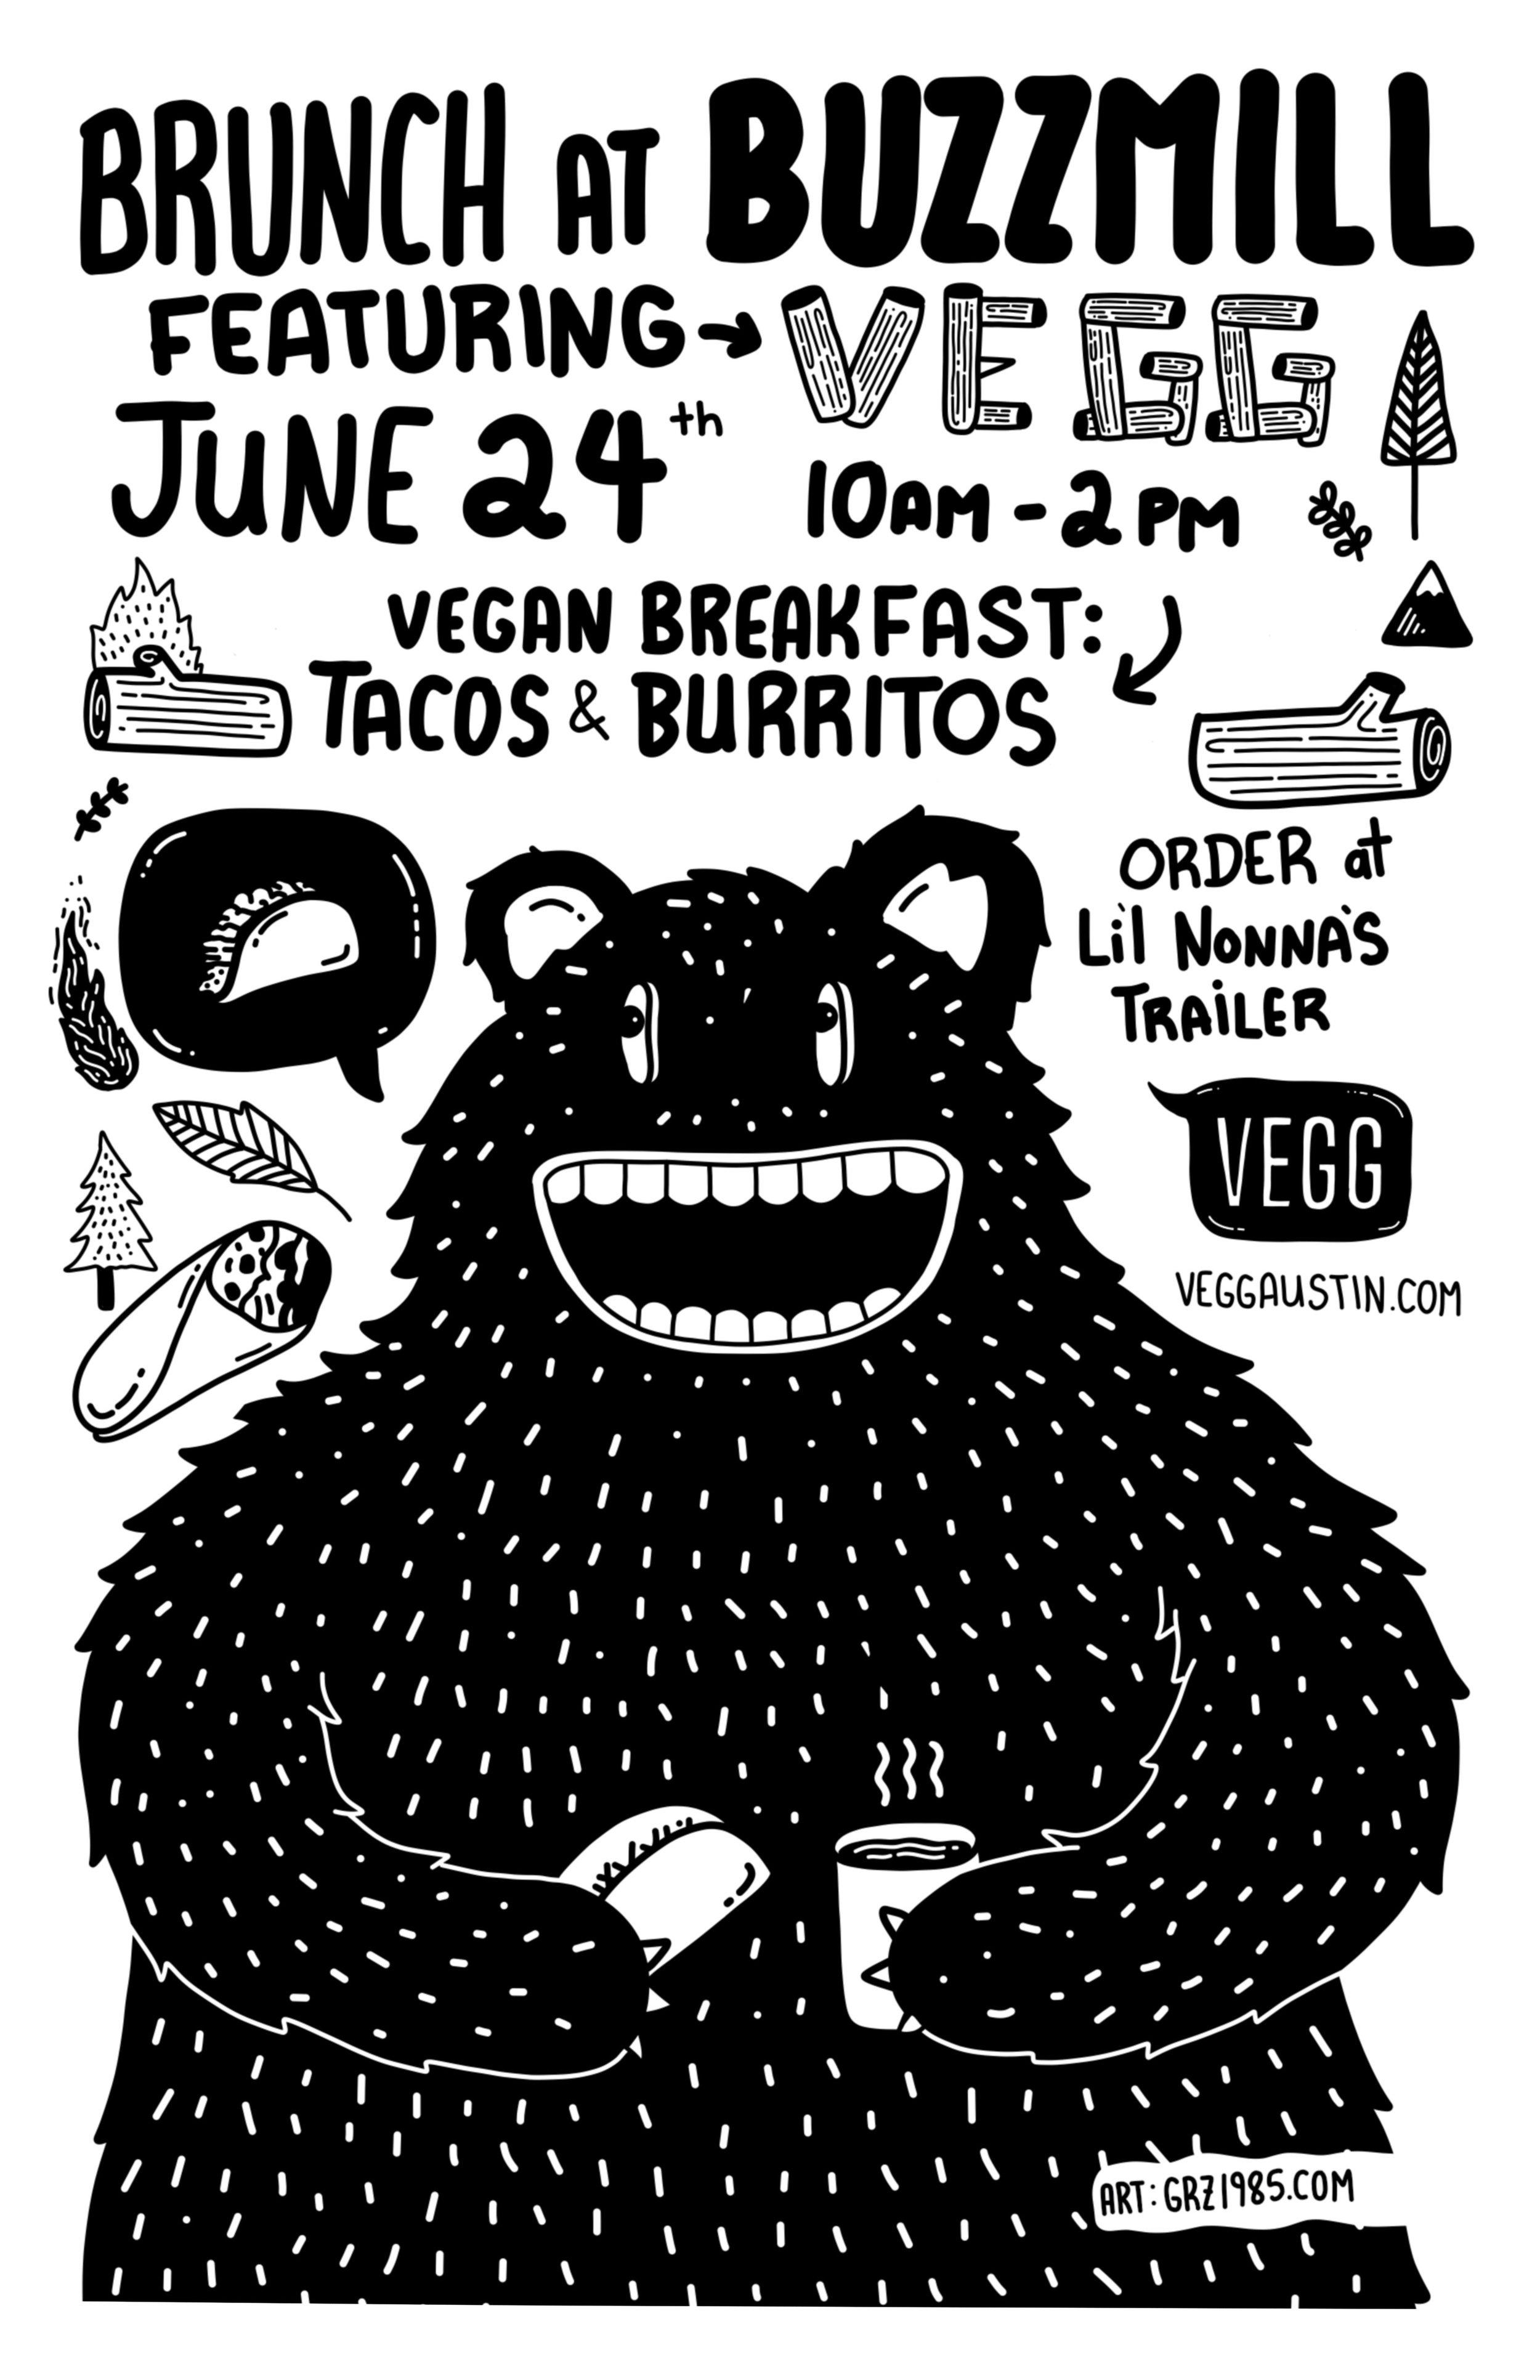 Buzzmill Vegan Brunch June 24th.jpg